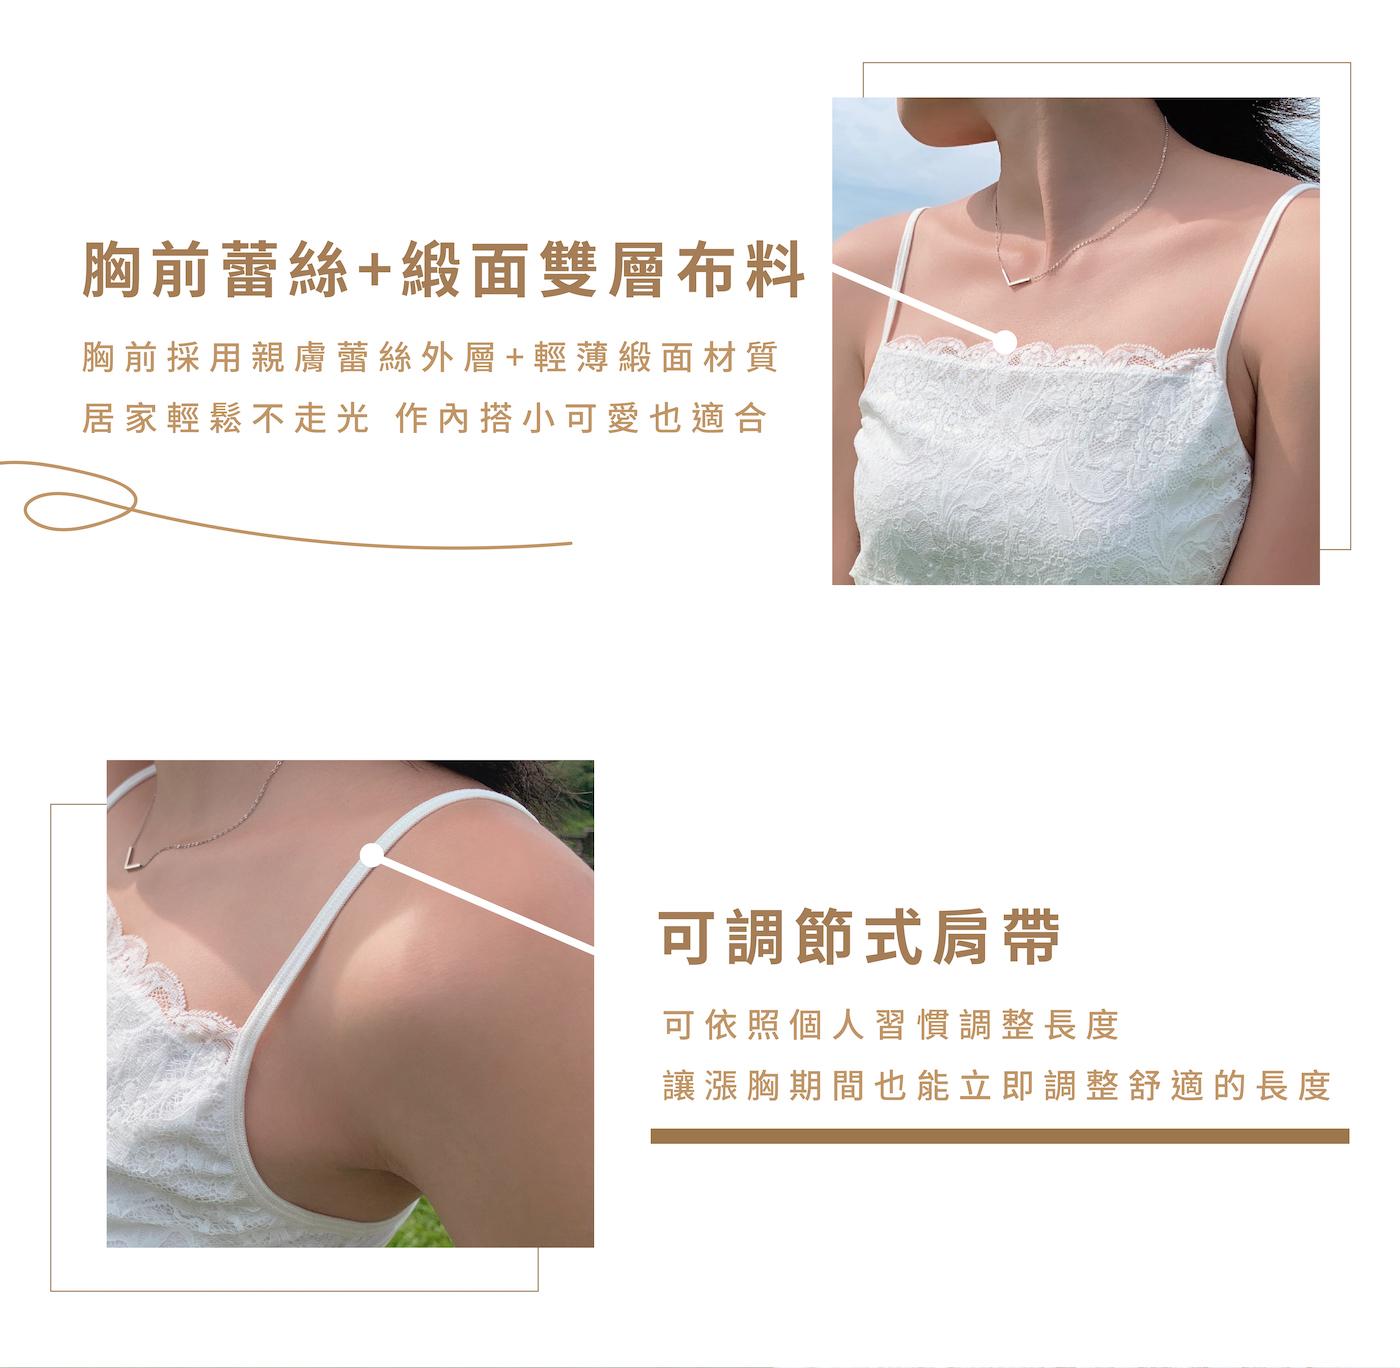 不咬膚台灣蕾絲布料使用,觸感柔軟舒適